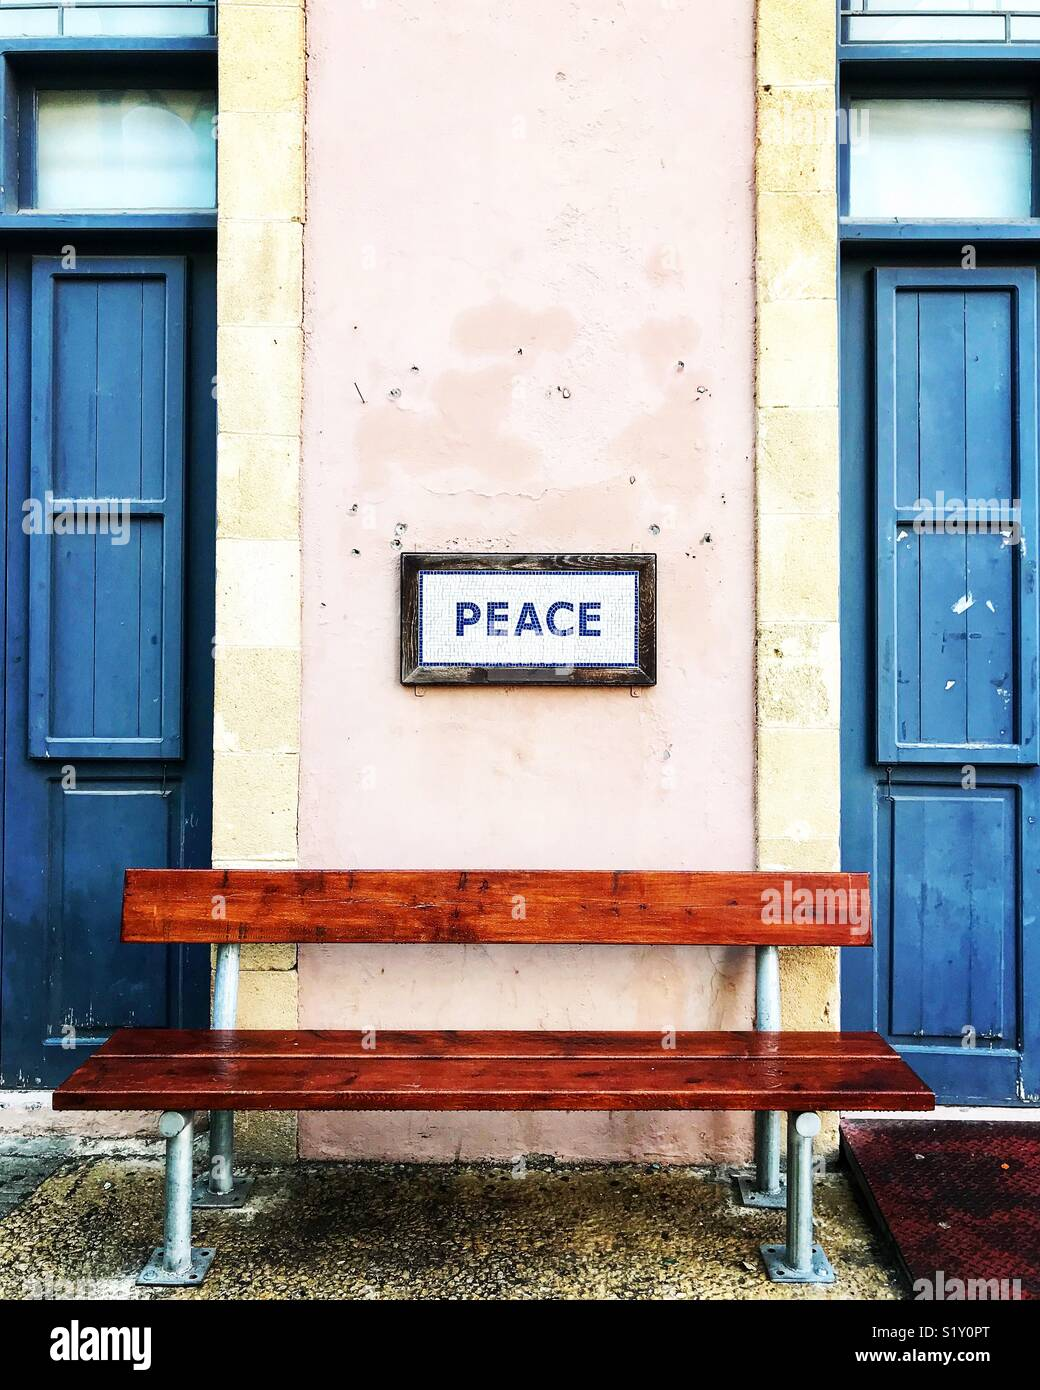 À la rue Ledra, passage de la frontière nord de Nicosie, Chypre Photo Stock